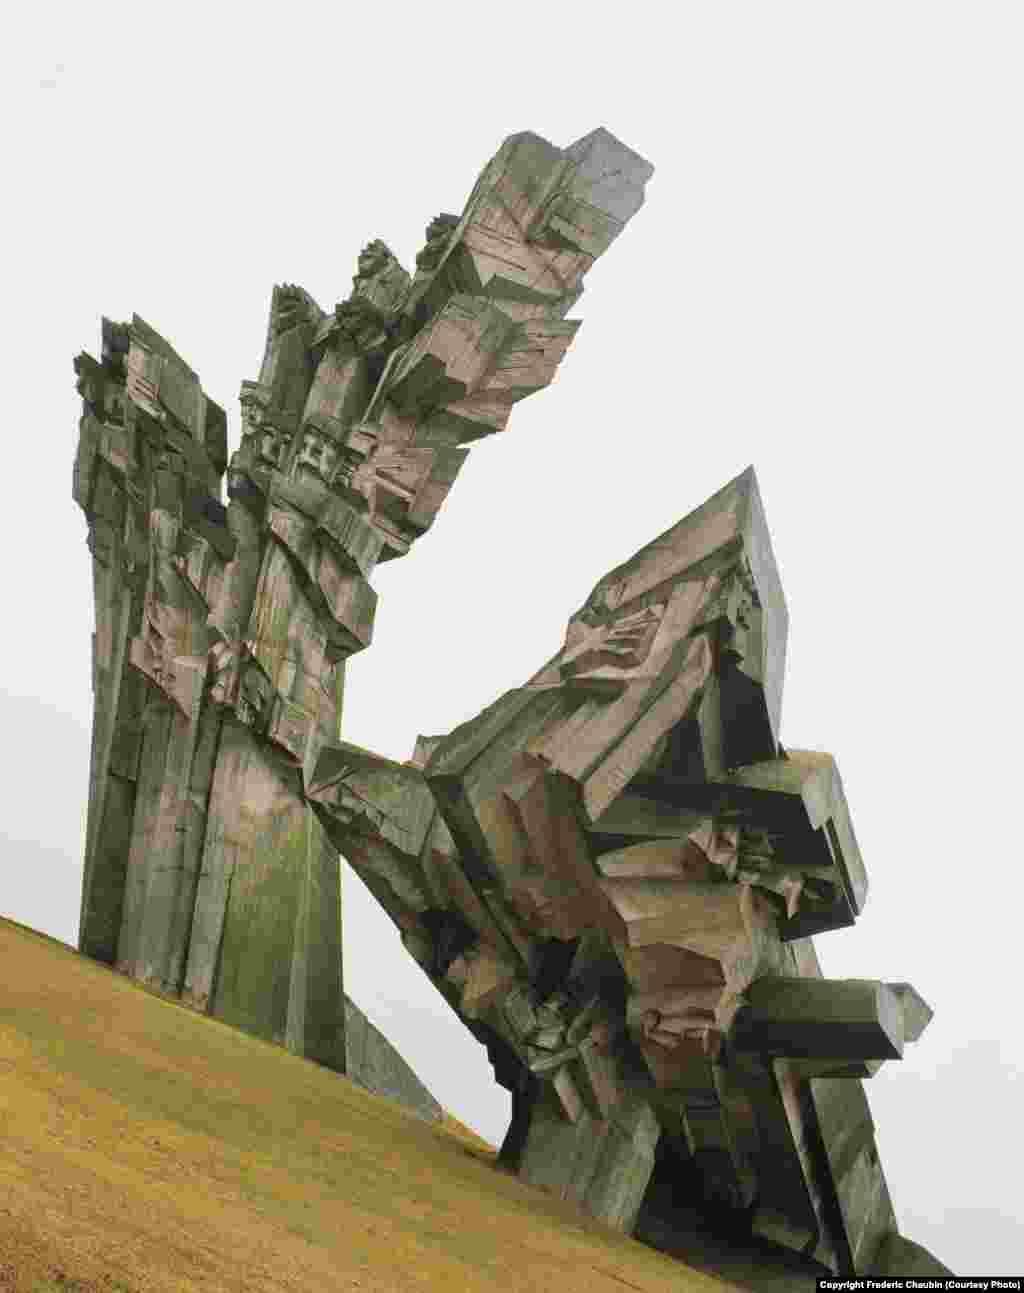 Построенный в XIX веке IX форт Ковенской крепости в Каунасе (Литве) НКВД использовало в качестве центра временного содержания для политзаключенных, которых позже отправляли в трудовые лагеря ГУЛАГа. Во время оккупации Литвы Германией во время Второй мировой форт использовали для массовых расстрелов. На месте трагедий в 1983 году возвели 32-метровую скульптуру Альфонсаса Амбразиунаса